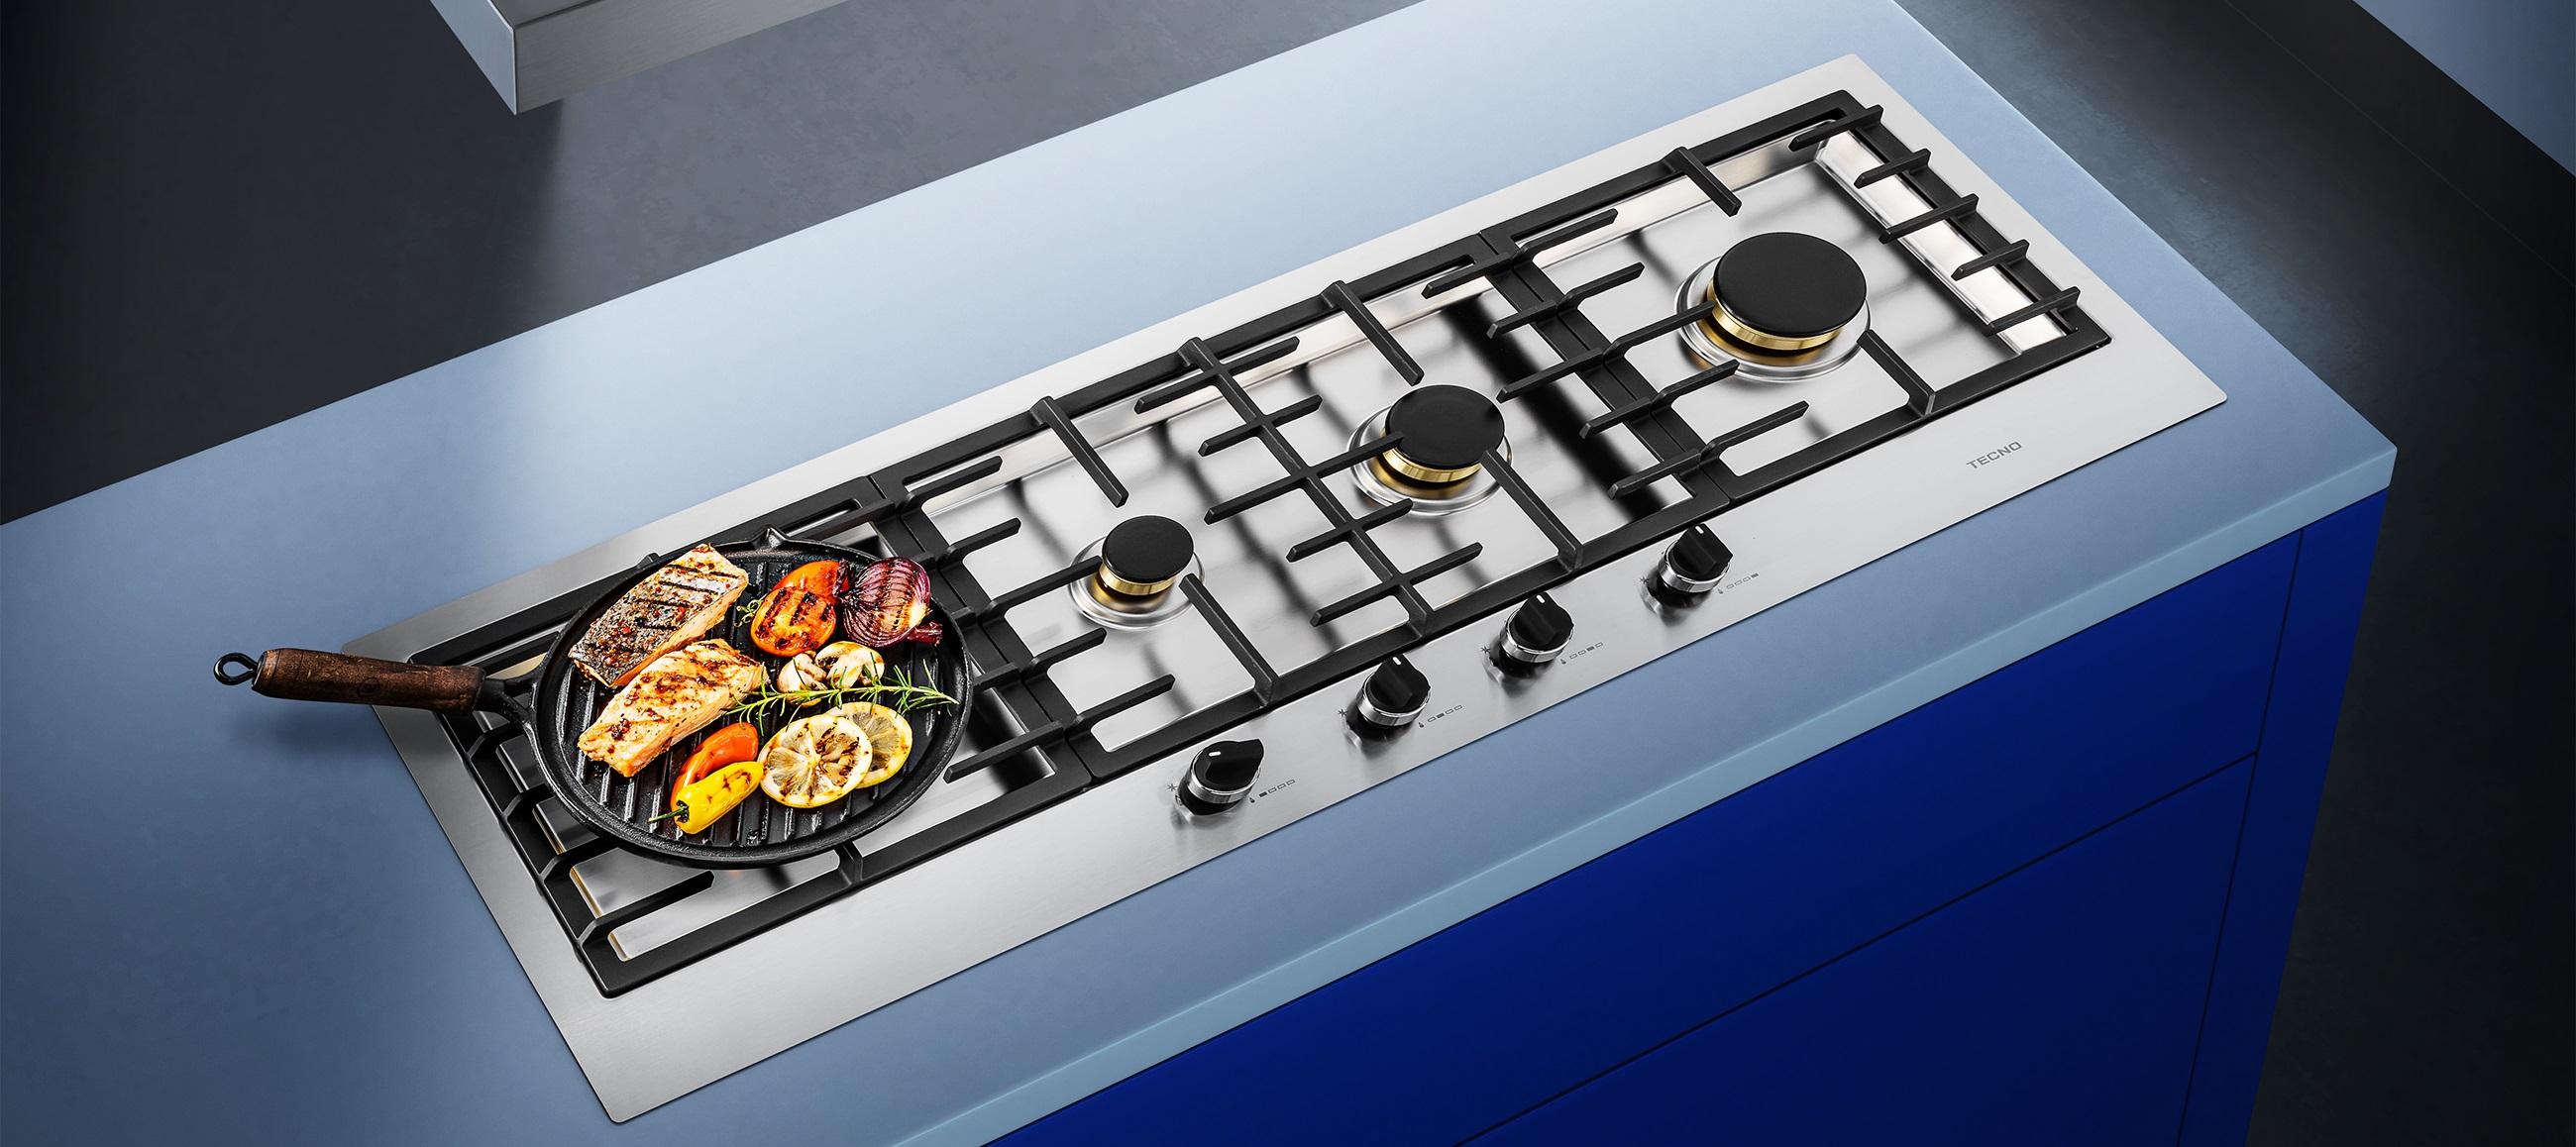 Cooktop Tecno TH11 GX4 com mesa semi-filo em inox.